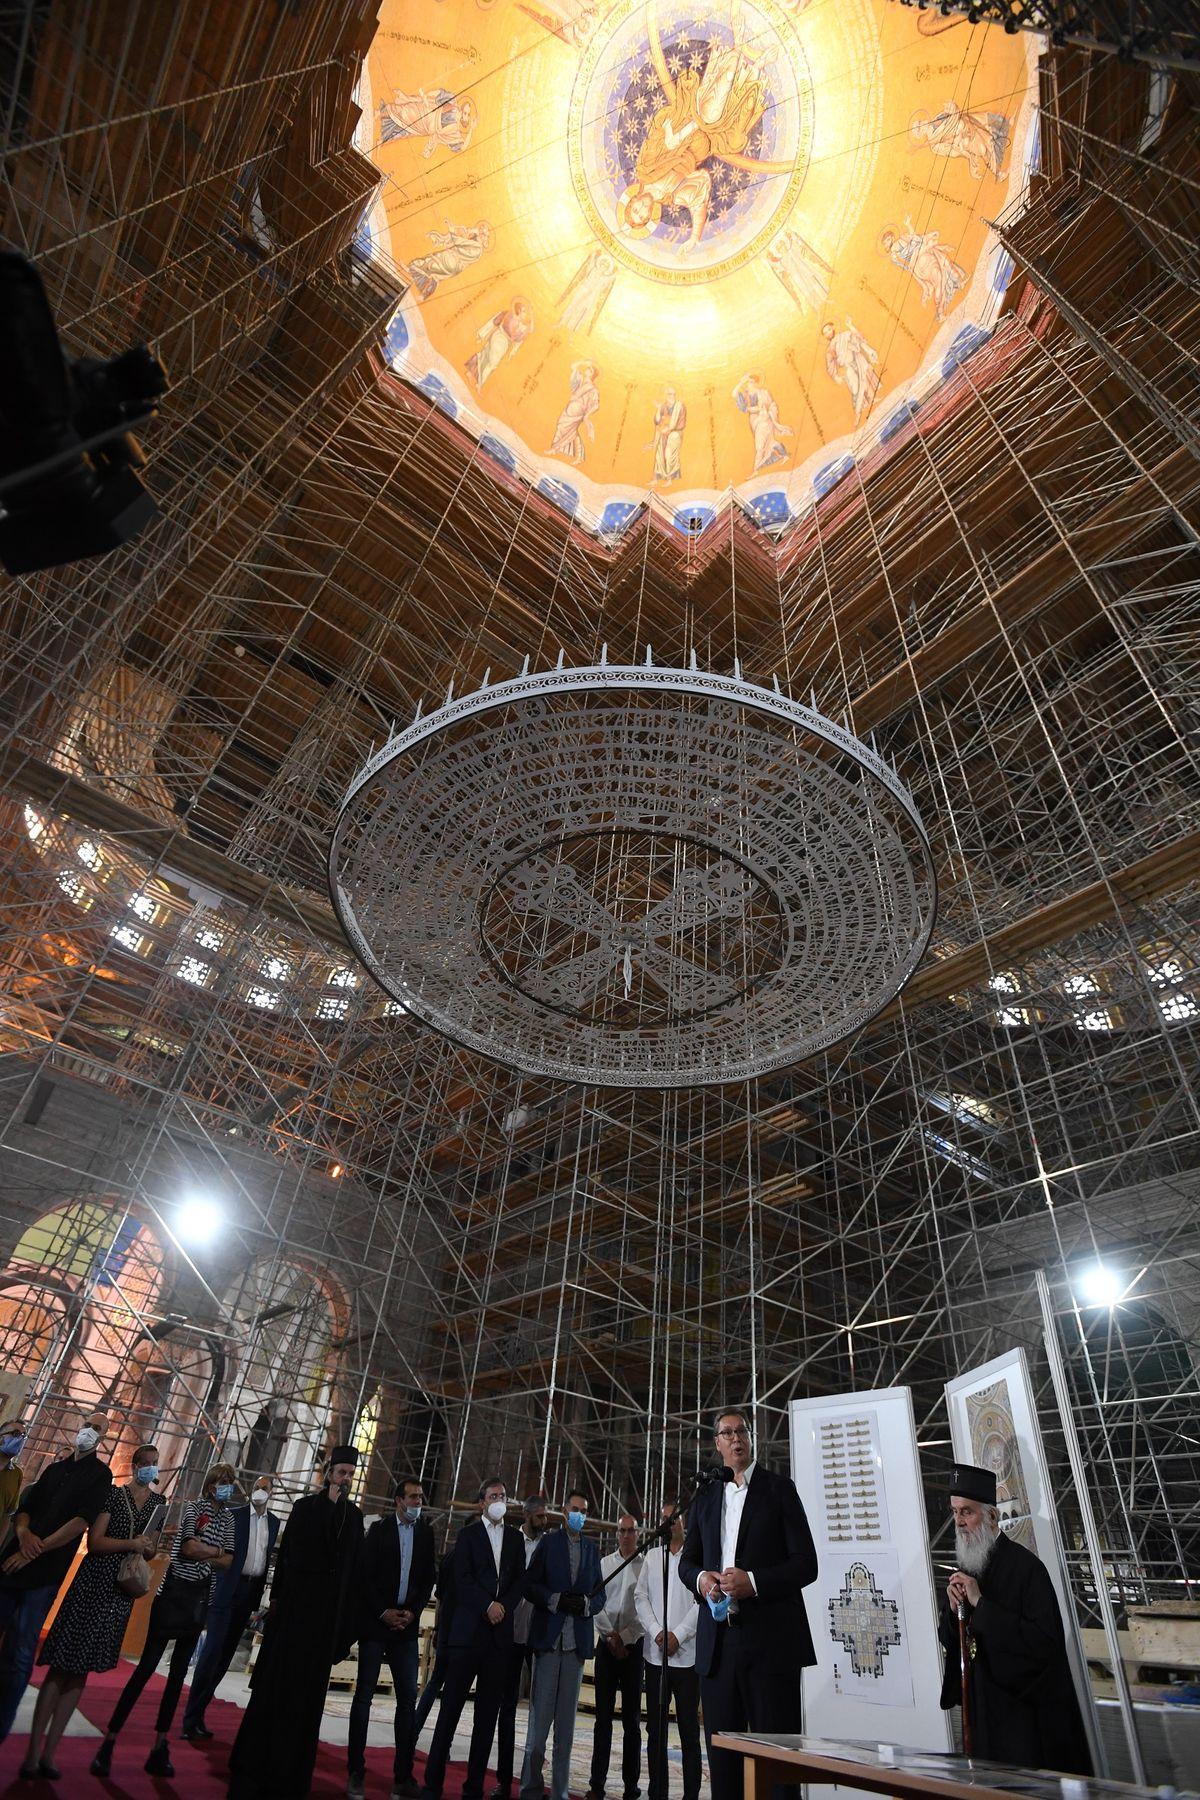 Predsednik Vučić obišao radove na unutrašnjem uređenju Hrama Svetog Save